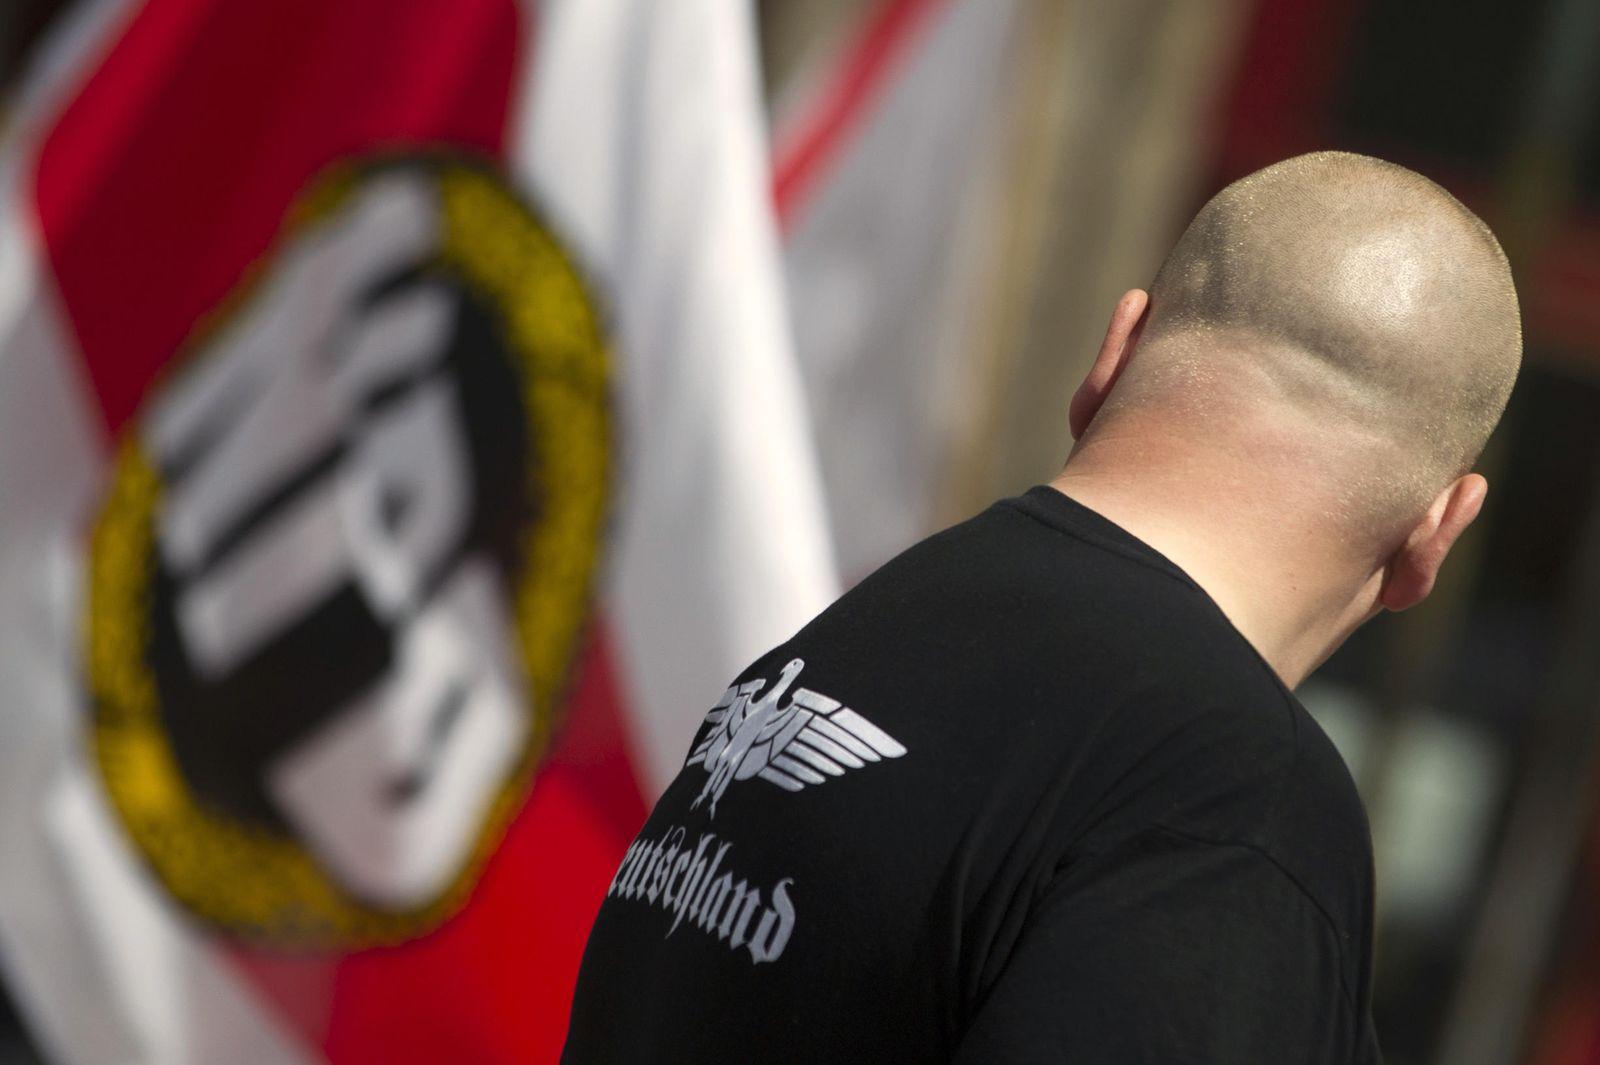 Foto: Un simpatizante del partido de extrema derecha alemán NPD durante un acto de la formación en Berlín, el 17 de junio de 2012 (Reuters).